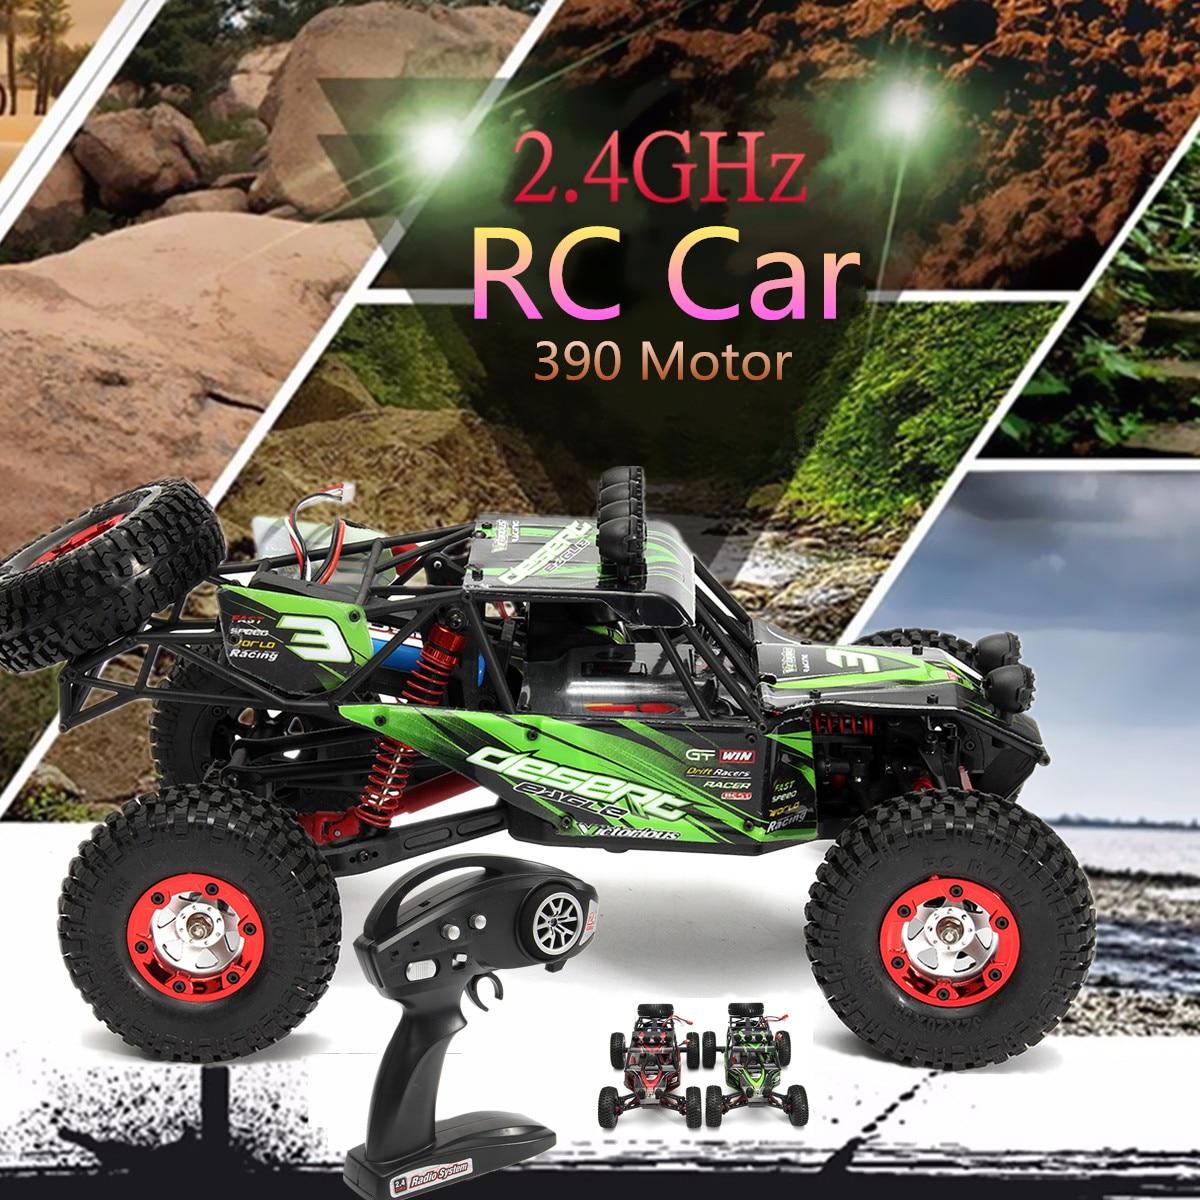 купить FY03 1/12 2.4GHz 4WD 390 High Speed Motor Off-Road Climbing Racing RC Car Remote Control EU Plug 220A Stepless Speed Controller по цене 5095.05 рублей